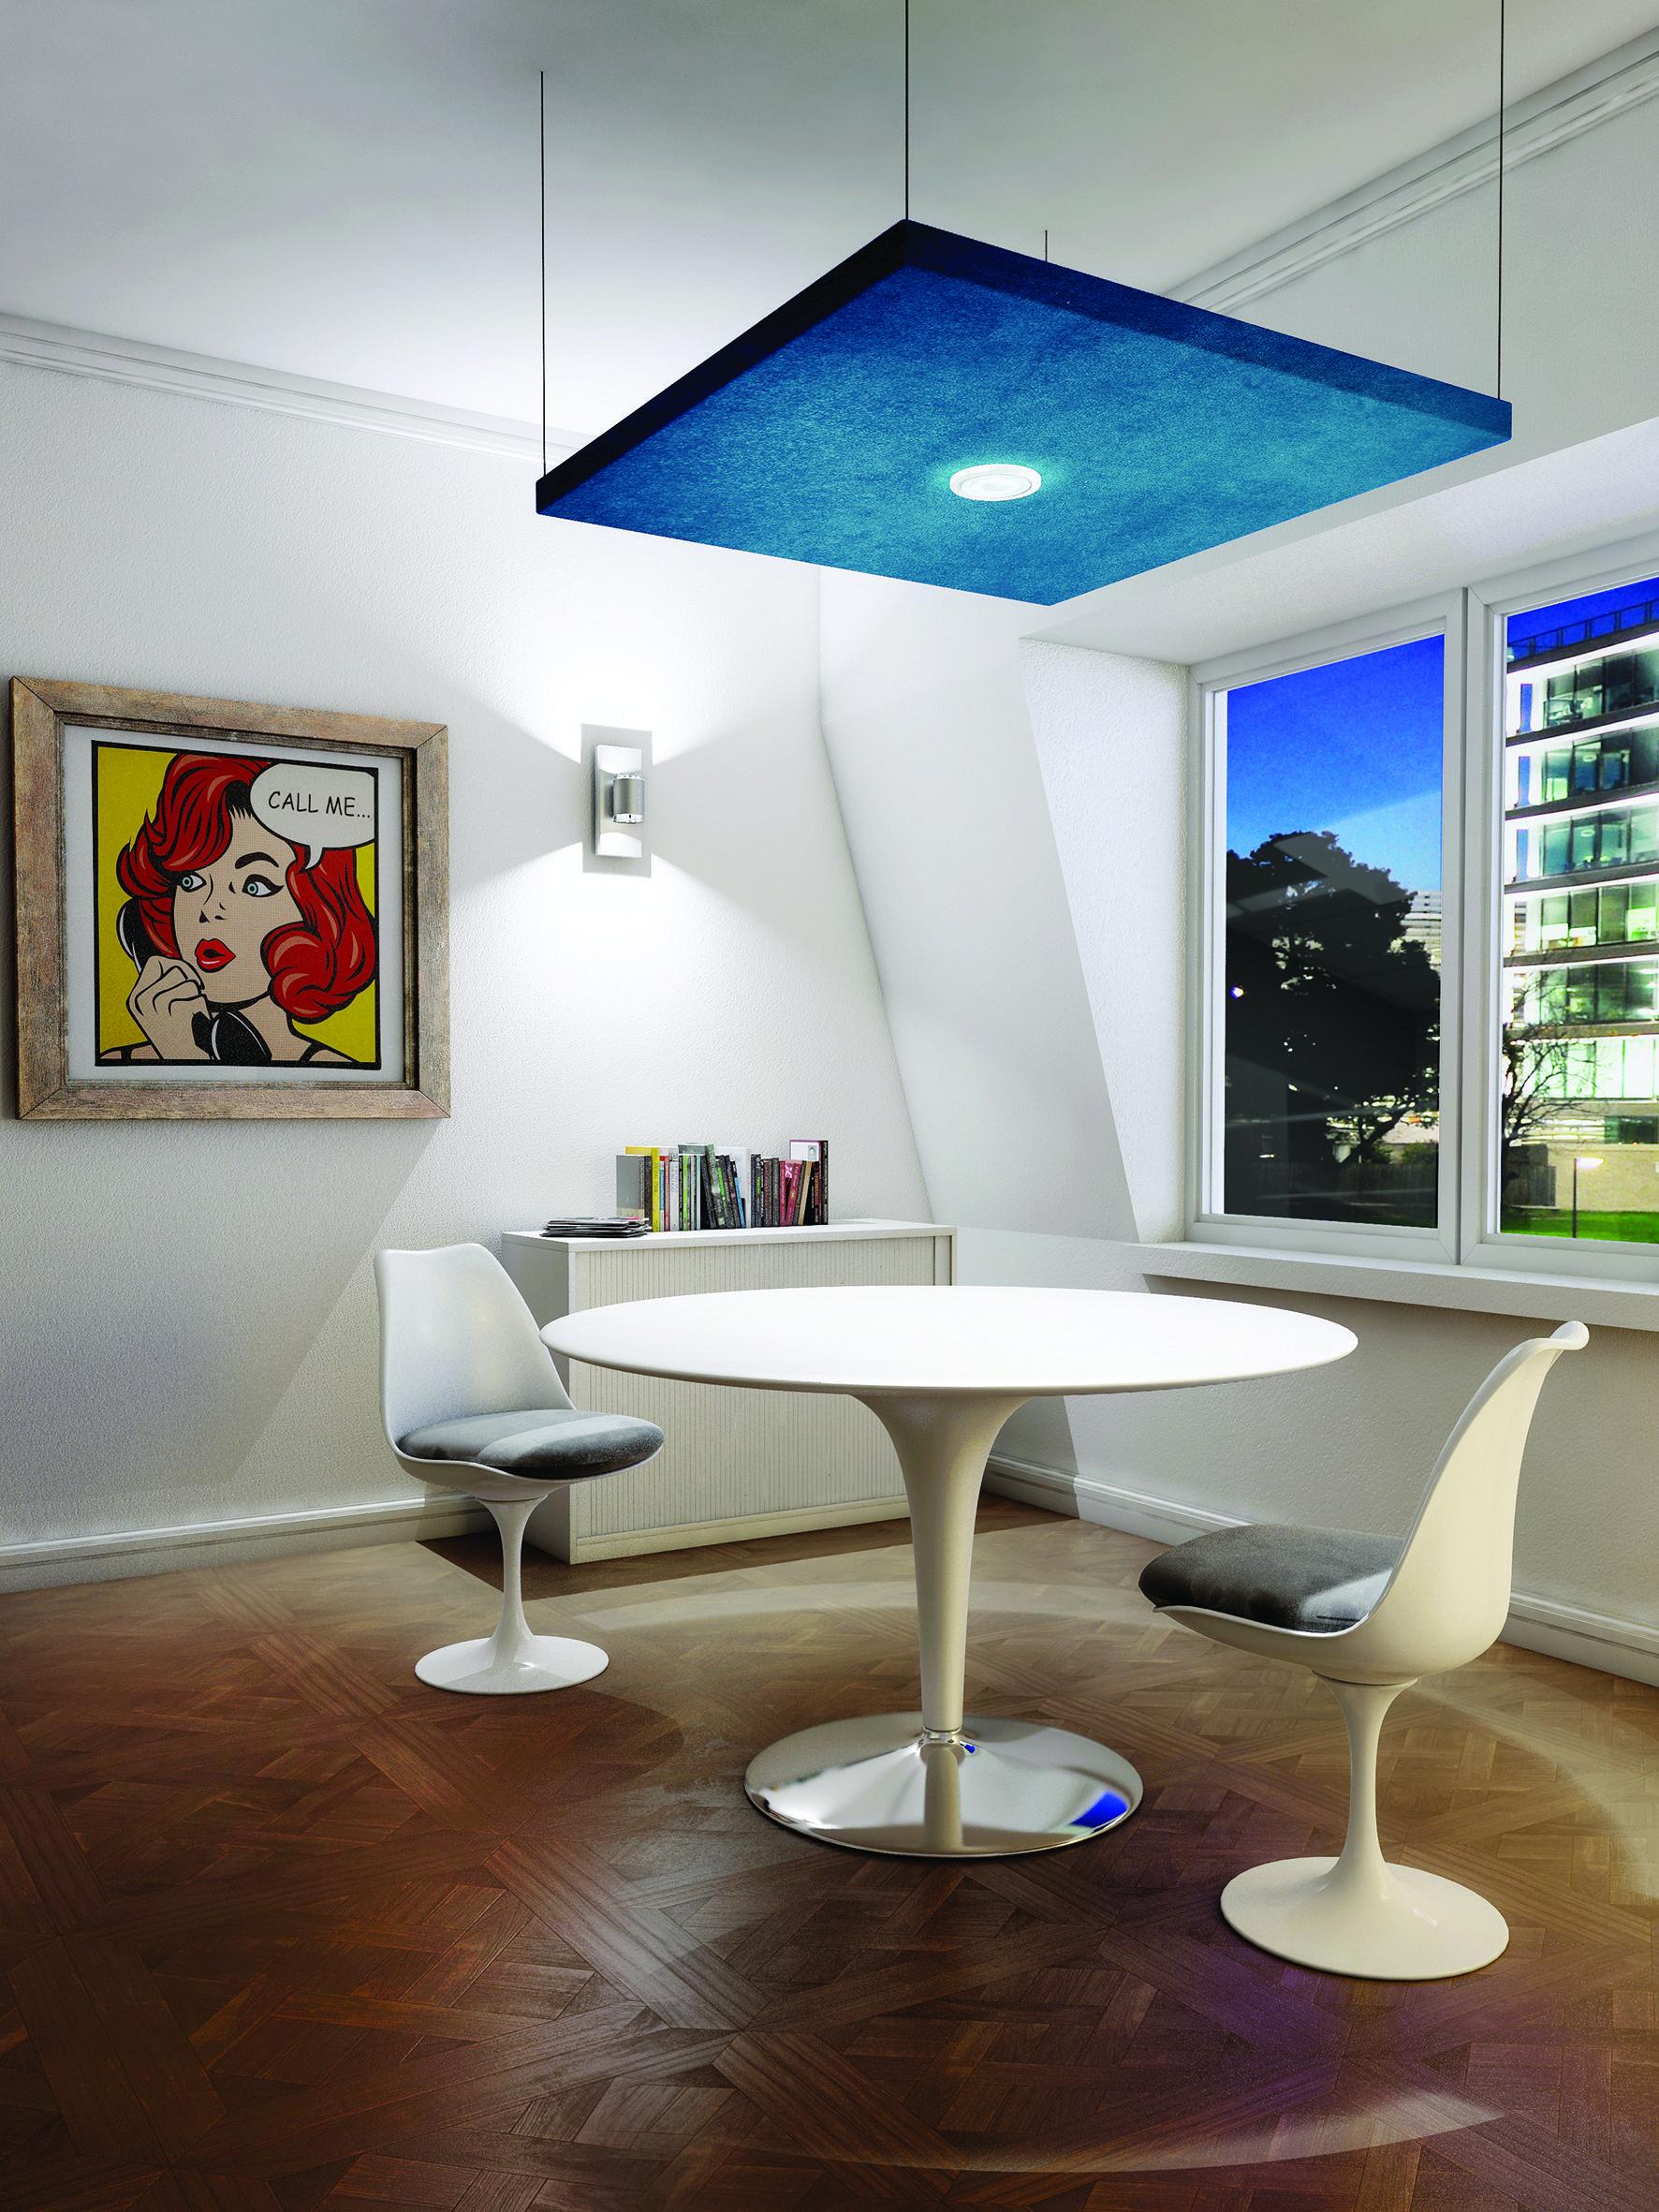 une salle de r union intimiste agr ment e d 39 un panneau. Black Bedroom Furniture Sets. Home Design Ideas